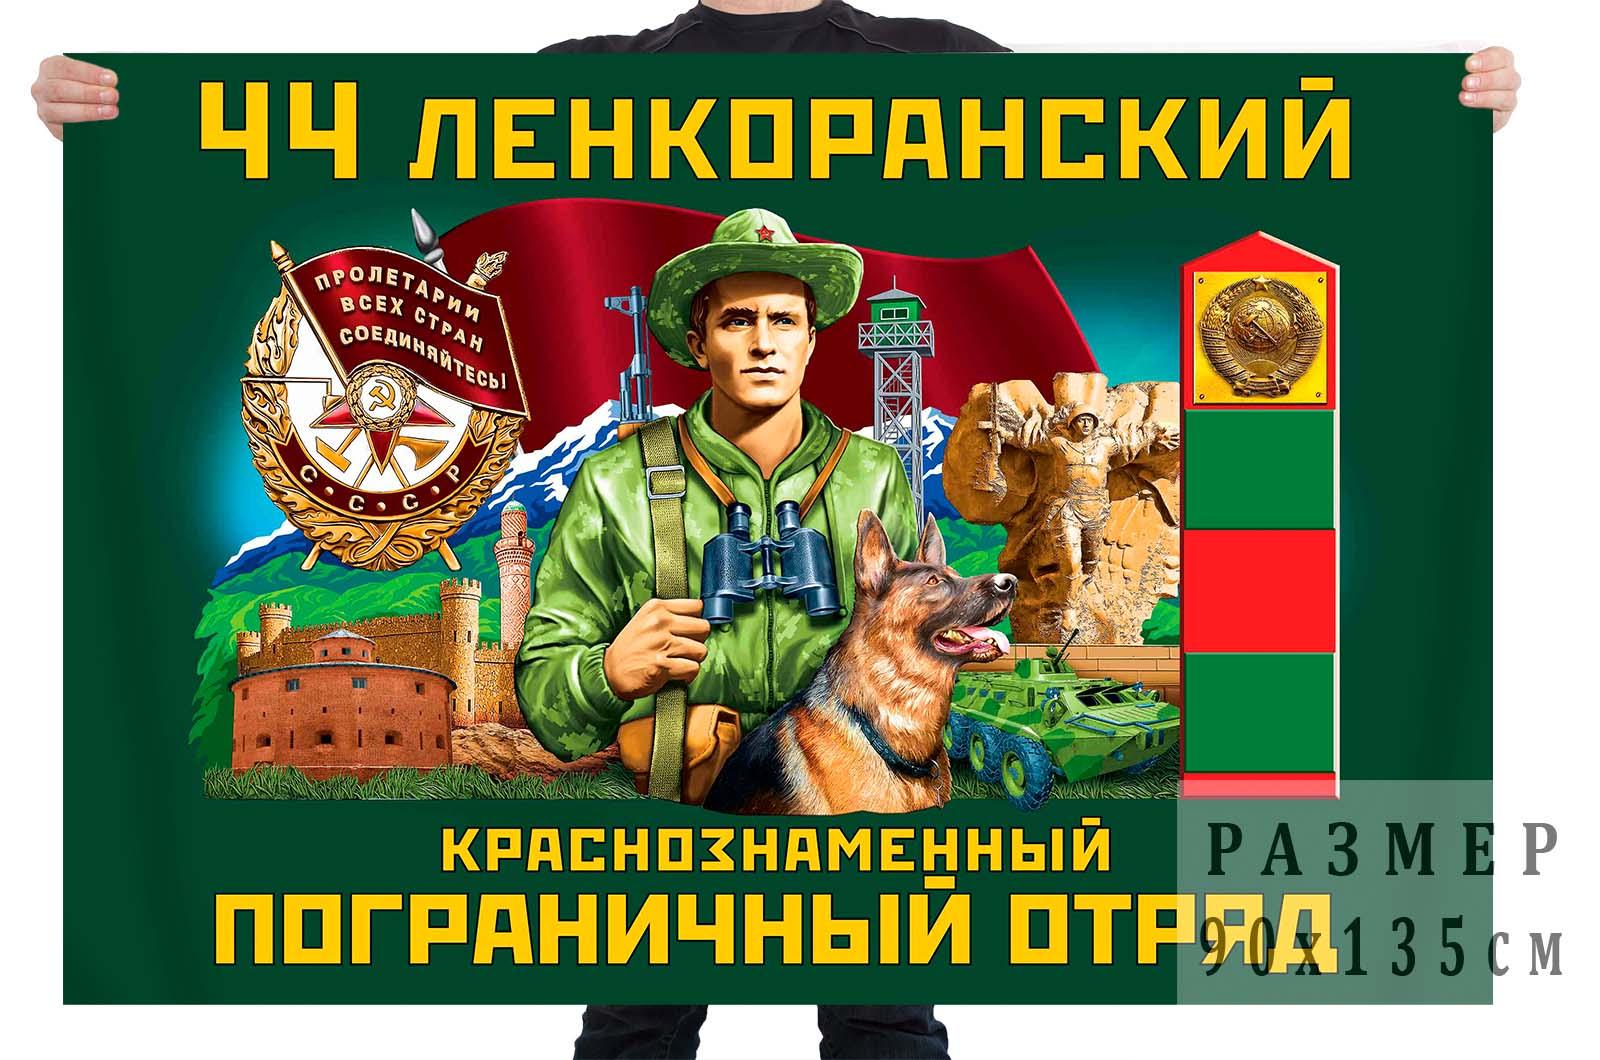 Флаг 44 Ленкоранского Краснознамённого пограничного отряда